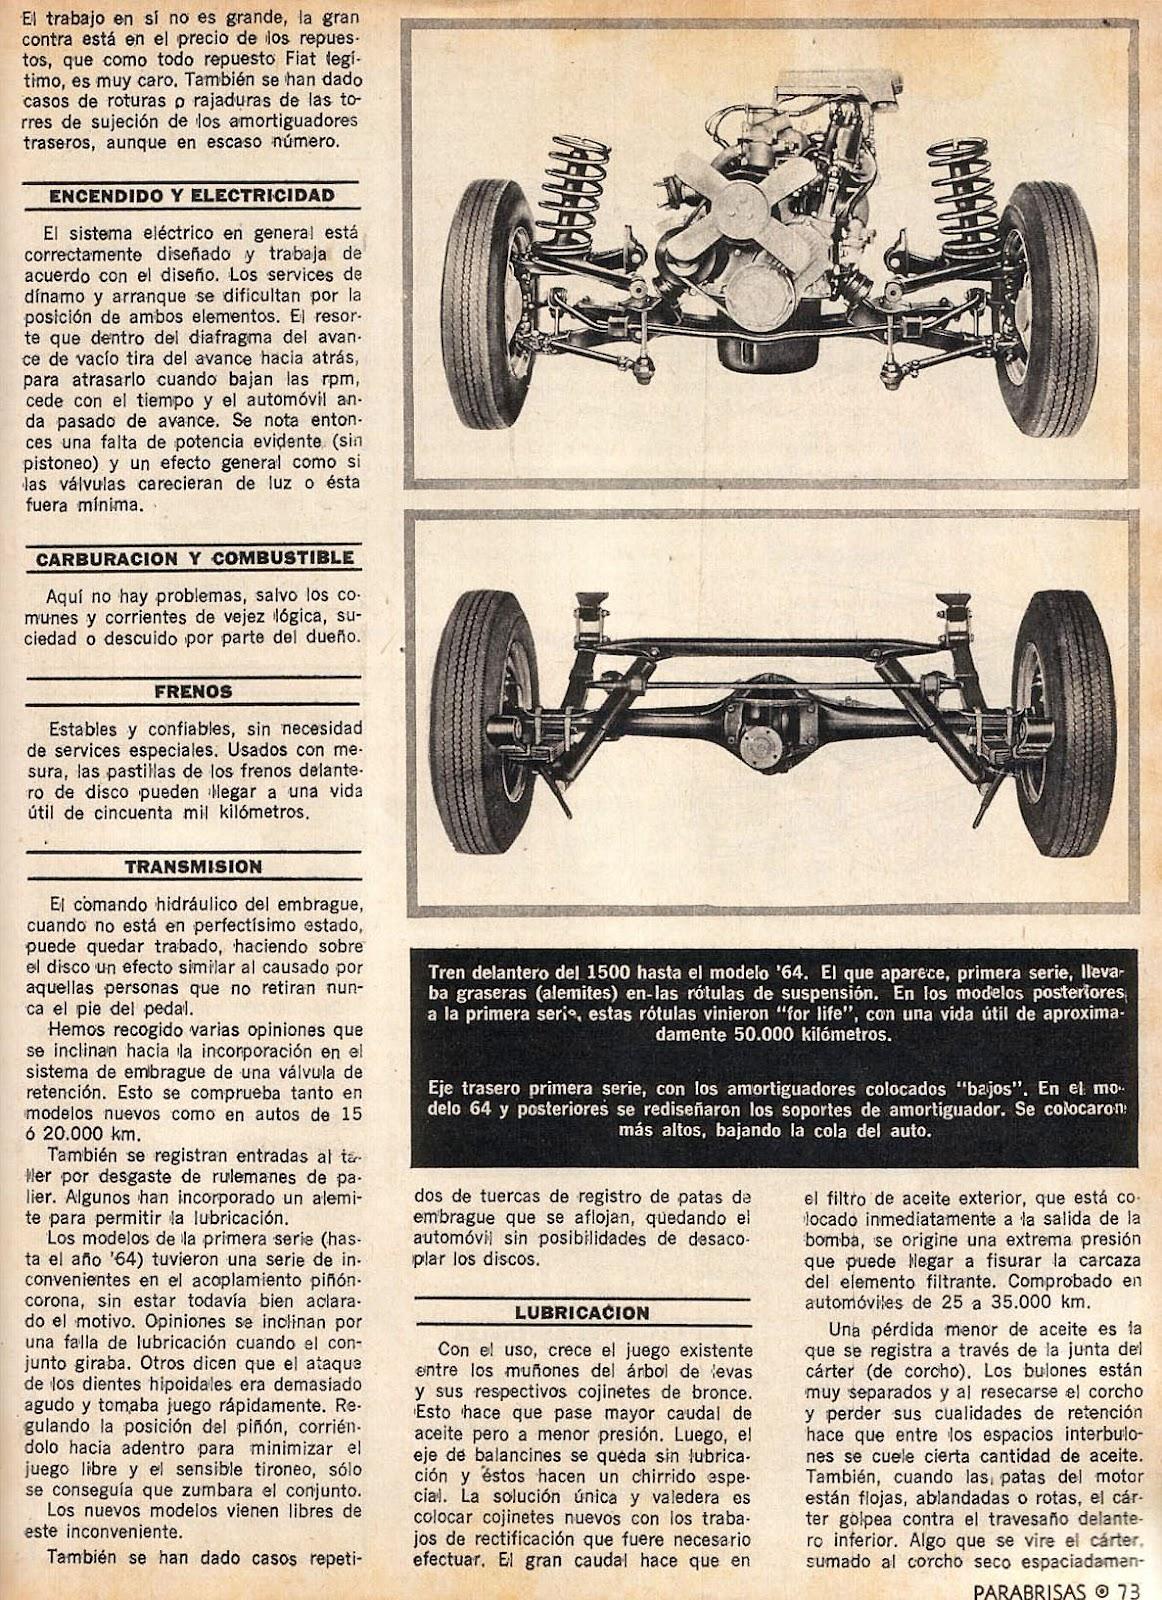 Archivo de autos: Cuadro clínico del Fiat 1500